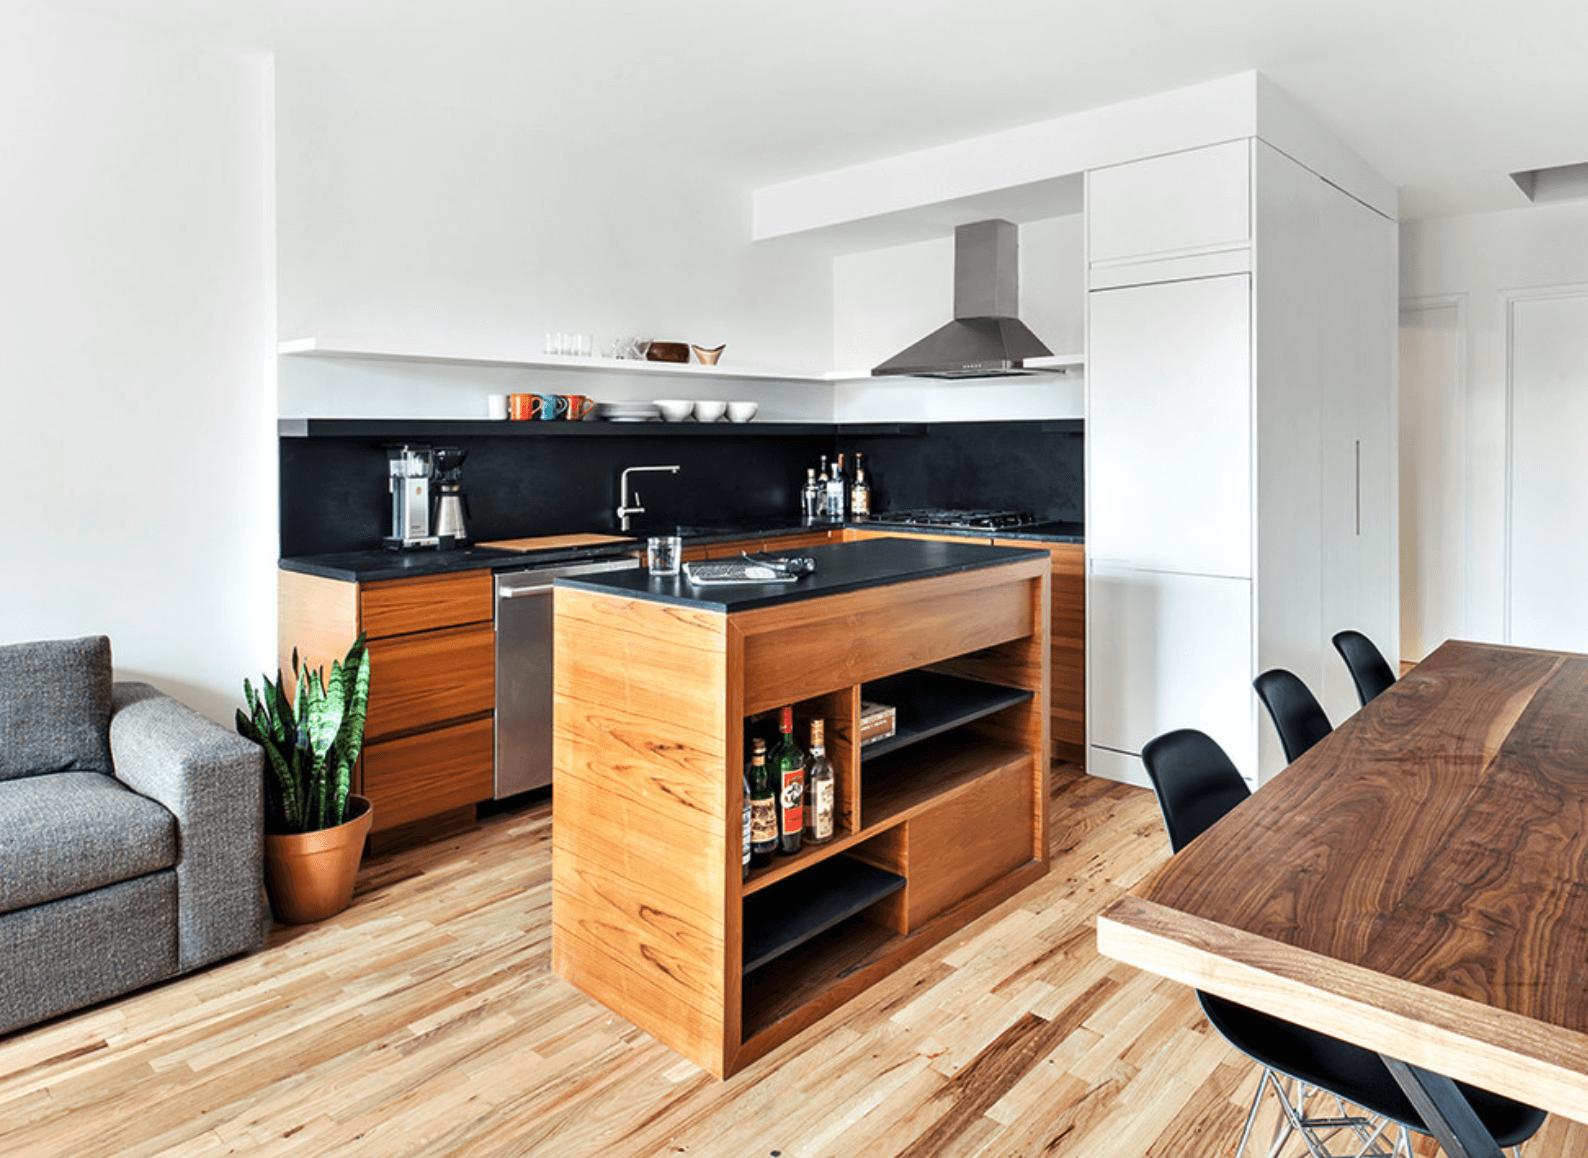 #A16B2A Decoração cozinha apartamento 1588x1158 px Decoração Cozinha Idéias_938 Imagens